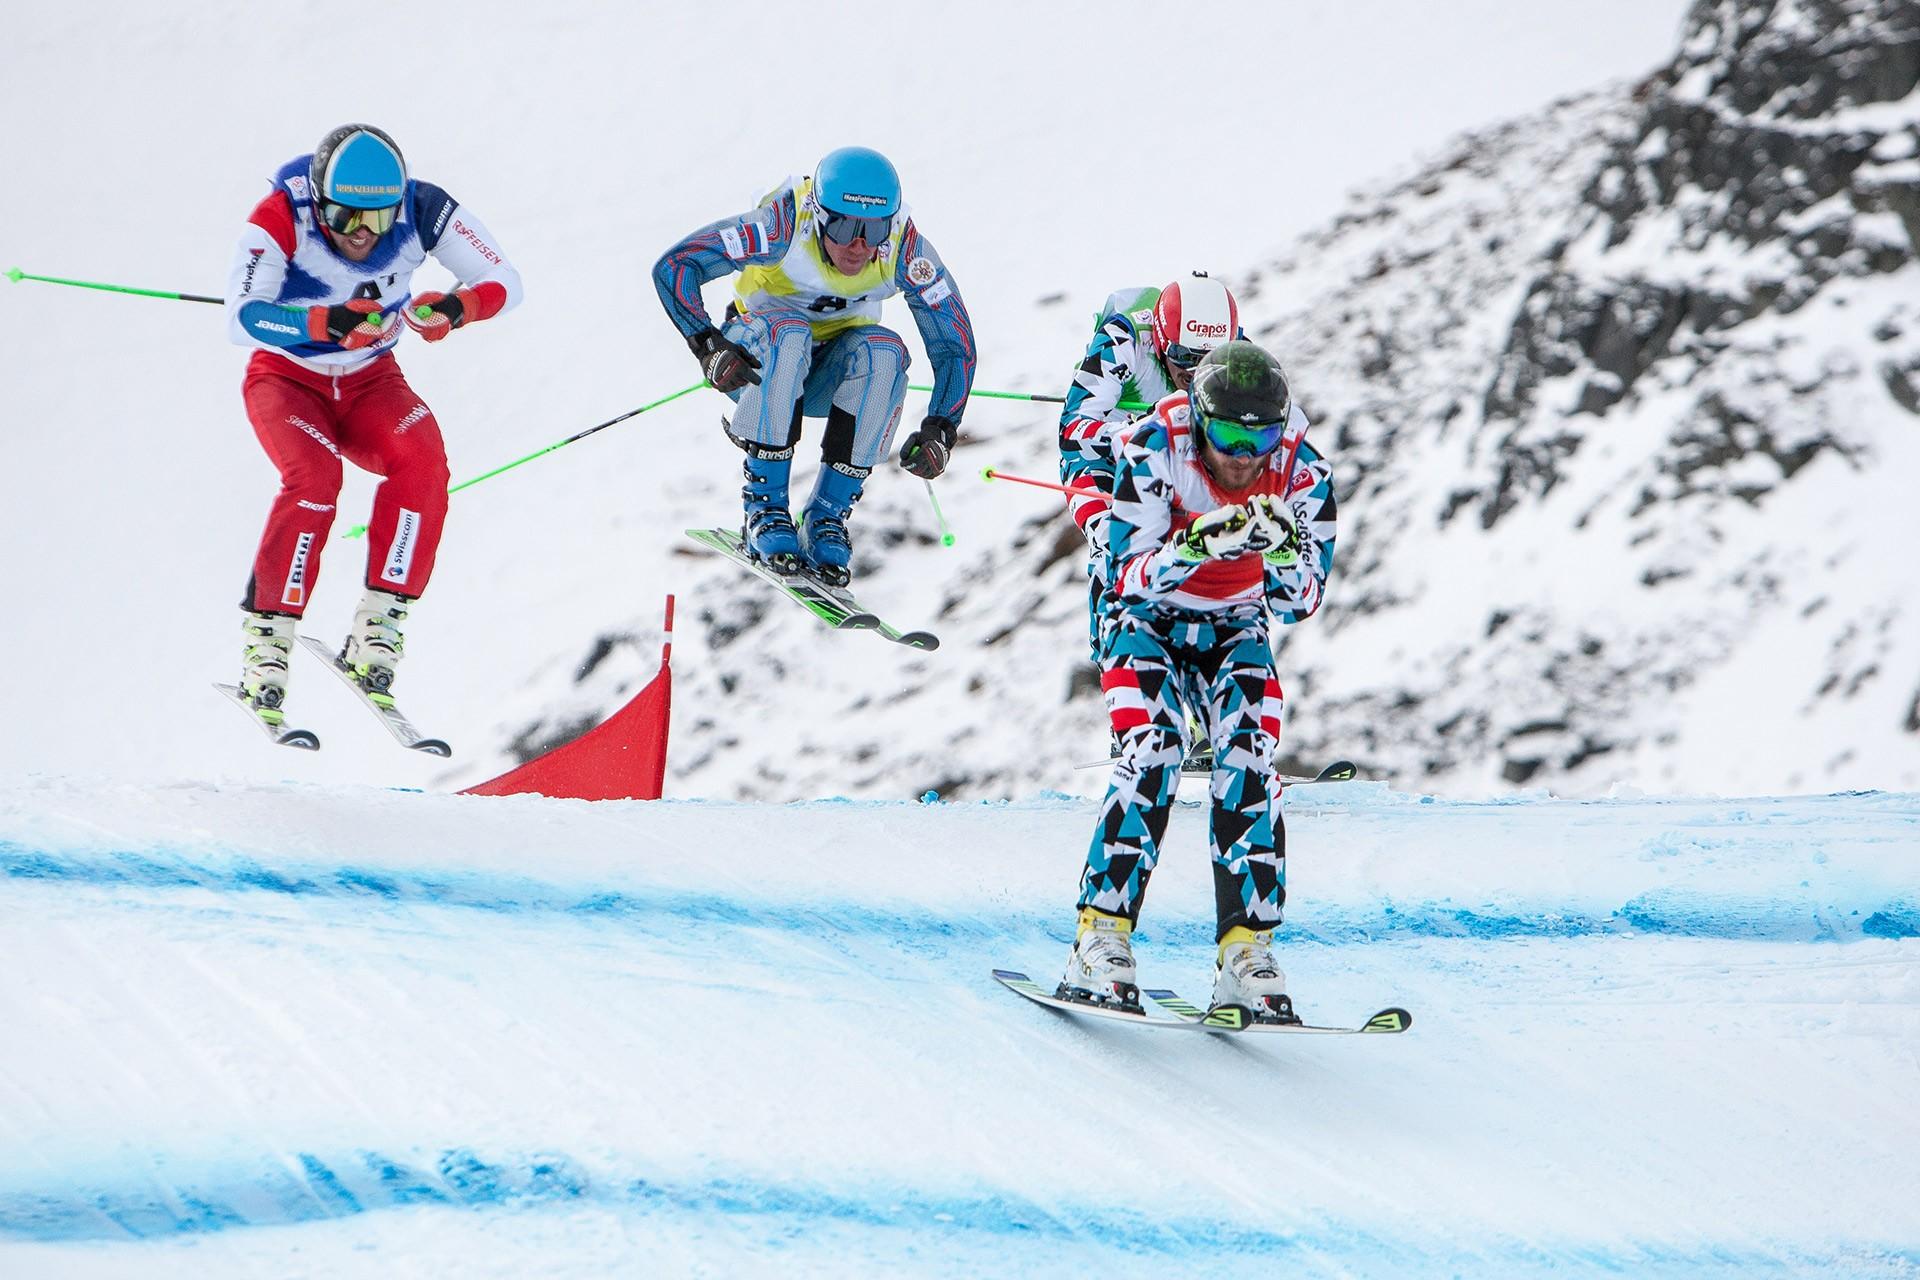 Ski- und Snowboardcrosspark am Pitztaler Gletscher